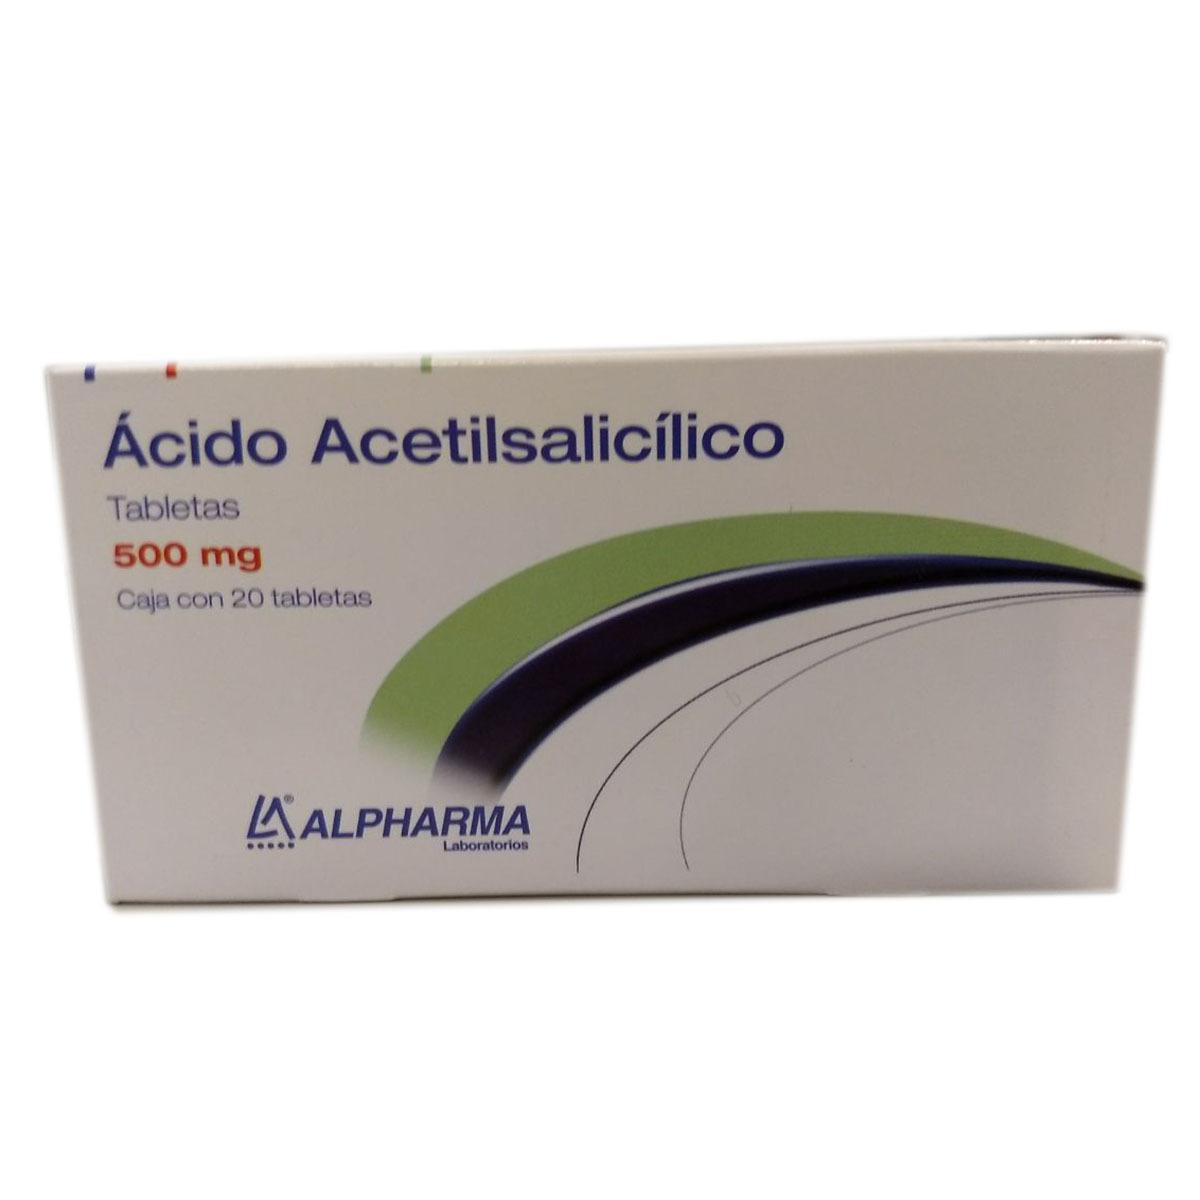 ACIDO ACETILSALICILICO 20 TAB 500 MG